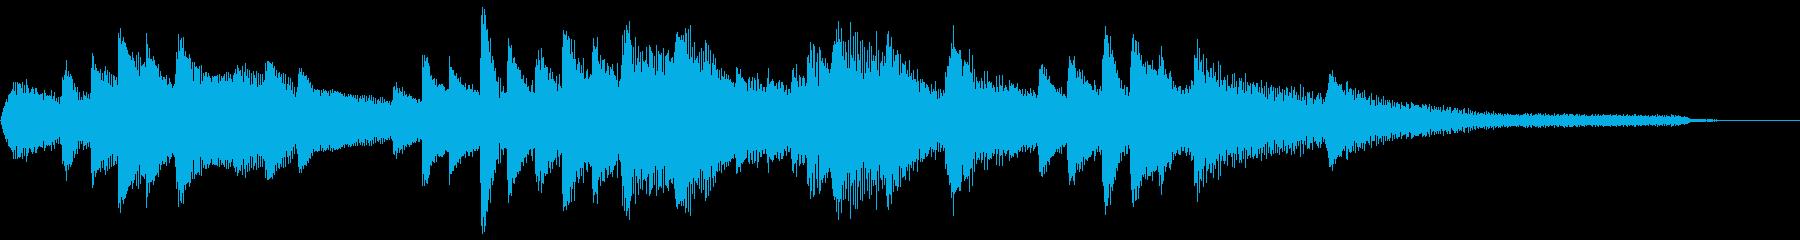 和風のジングル1-ピアノソロの再生済みの波形